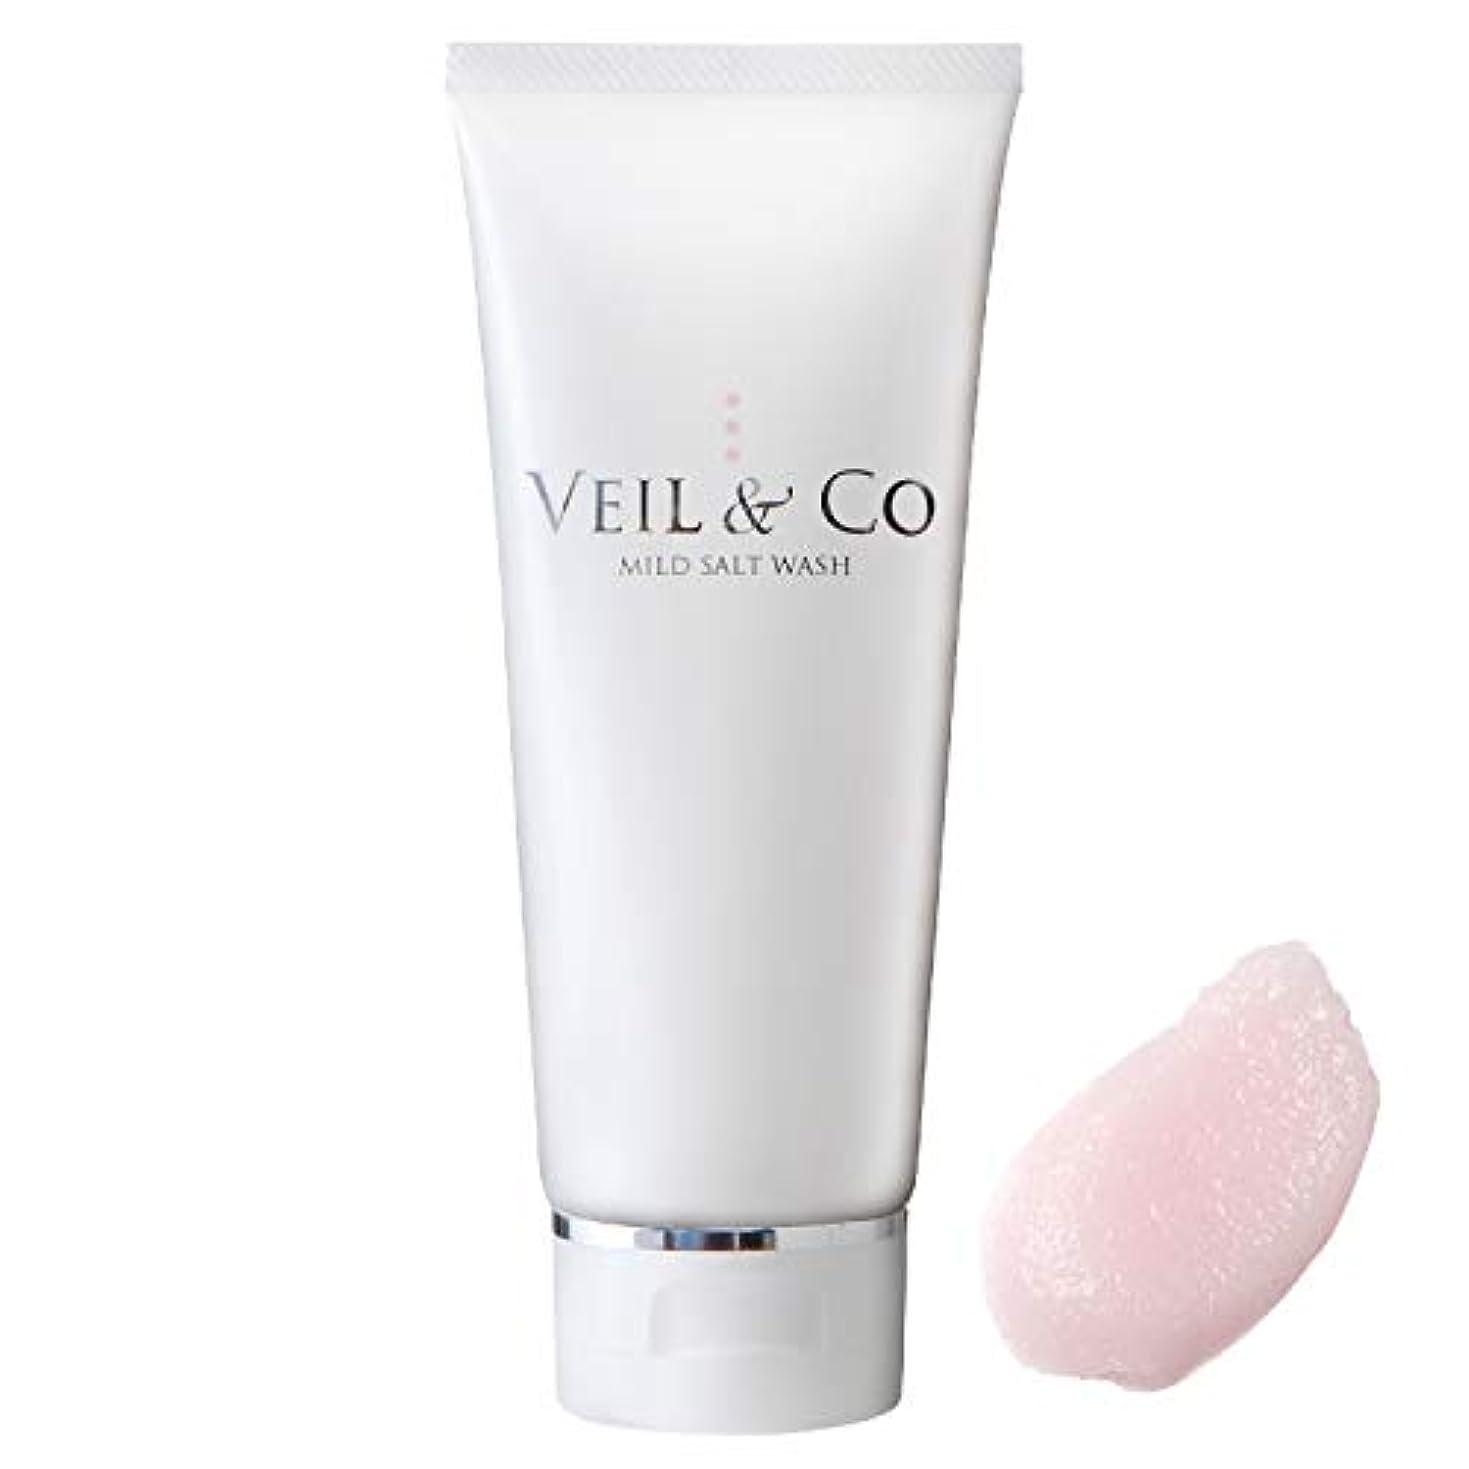 混乱した準備するくぼみ【VEIL&Co】ベールアンドコー 毛穴専用マイルドソルトウォッシュ(洗顔料) 150g